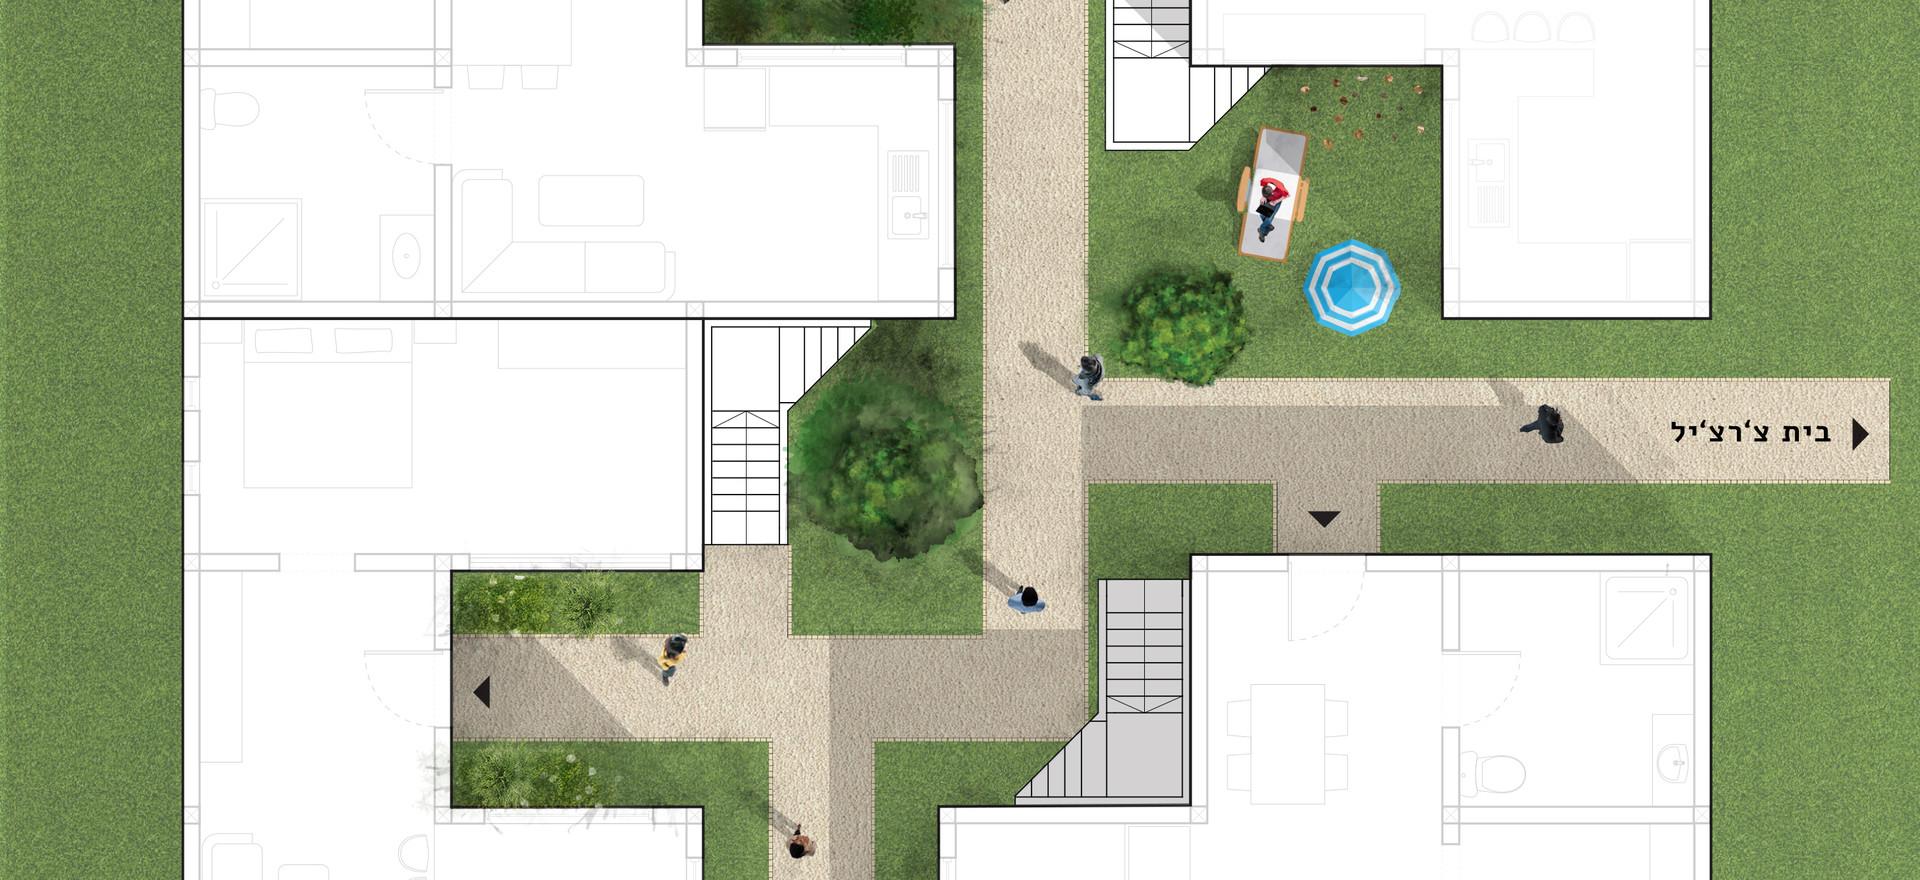 outdoor plan.jpg